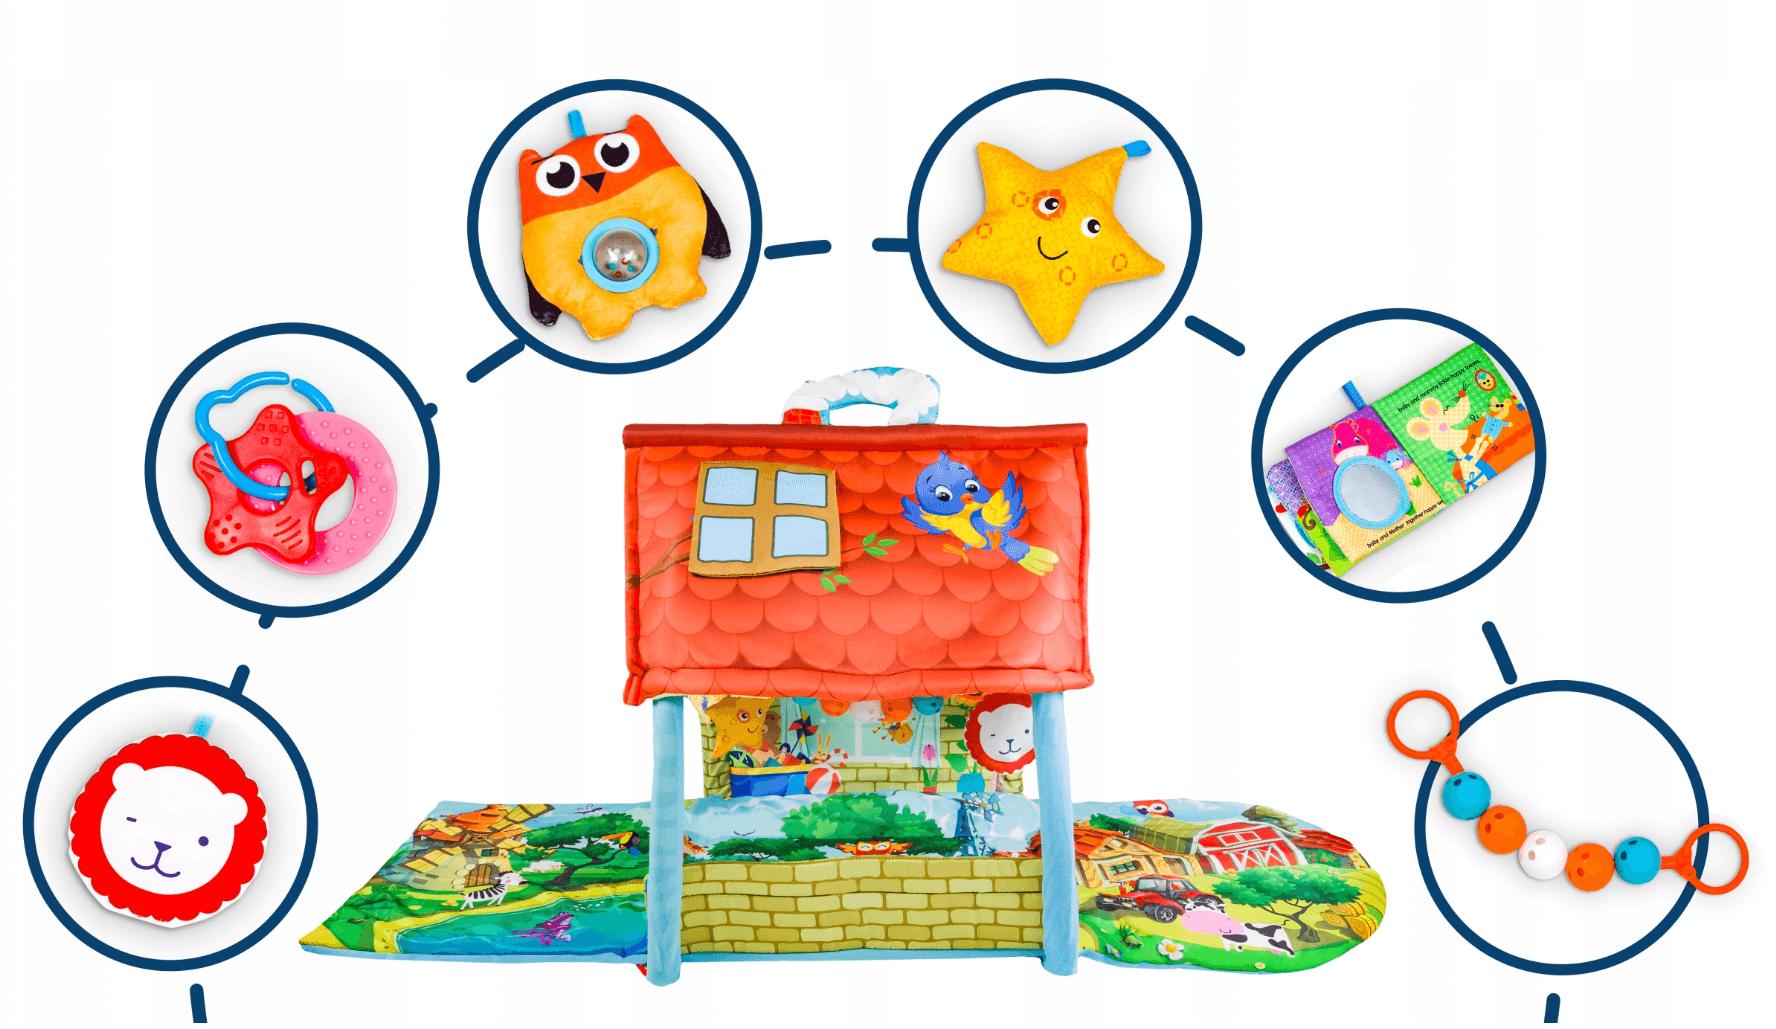 zabawki dołączone do maty AGNES